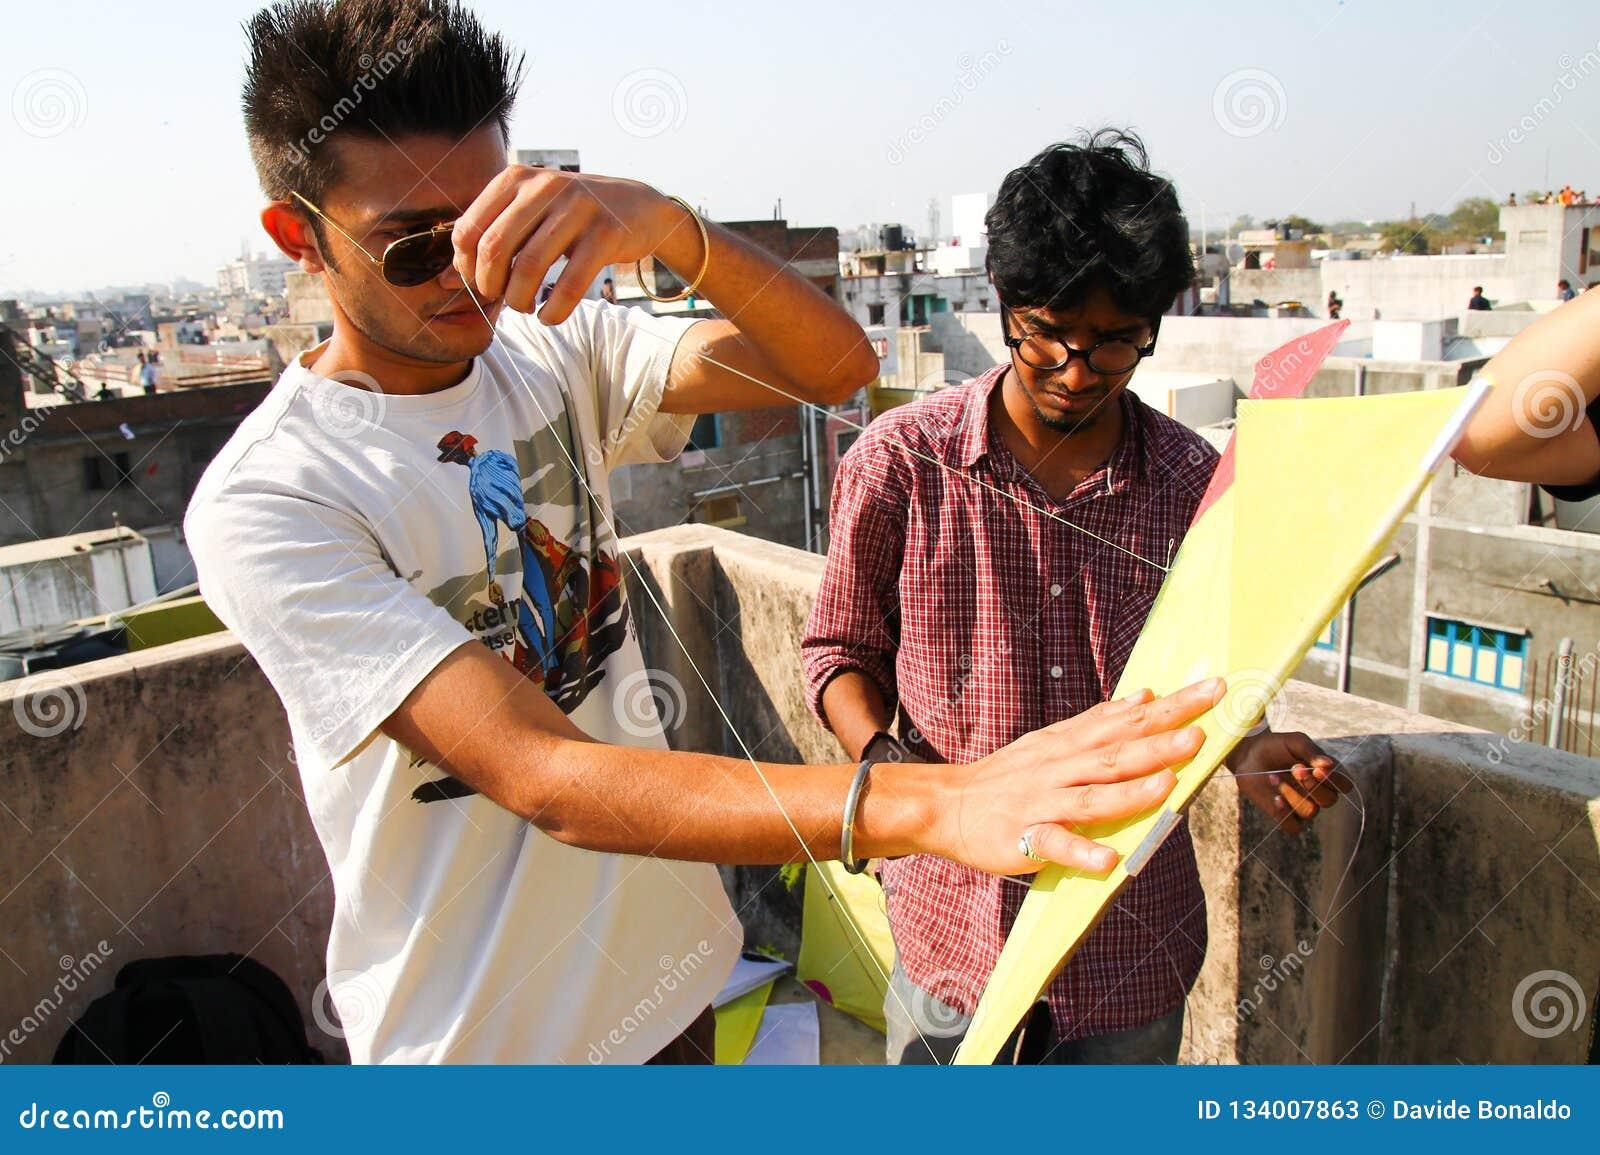 Ahmenabad, India - 8 januari 2017: de jonge jongens verzamelen zich boven daken voorbereidingen treffend om te vieren traditionee